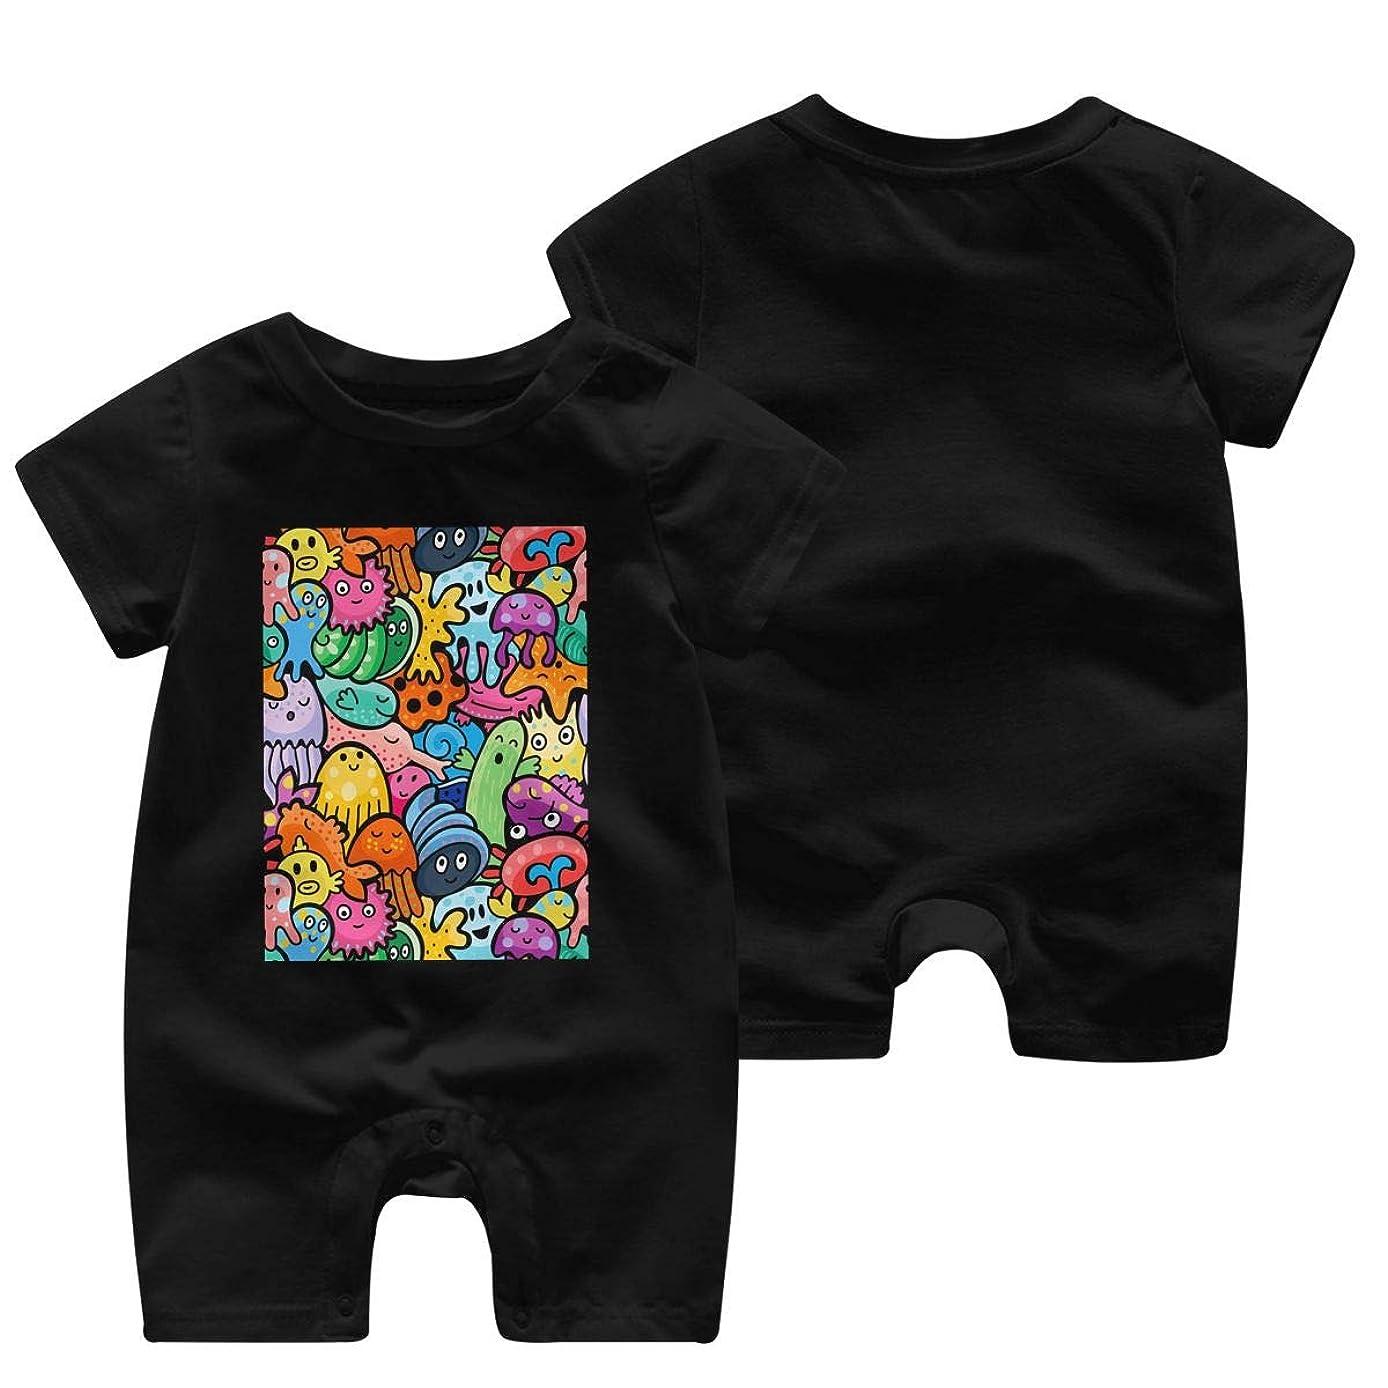 アラブ周術期サバント海の動物 ベビー服 肌着 新生児 ロンパース 夏 半袖 ジャンプスーツ ベビー 服 前開き 赤ちゃん ロンパースジャンプスーツ 男女兼用 Tシャツ 100%綿製 柔らかい (0-24m)